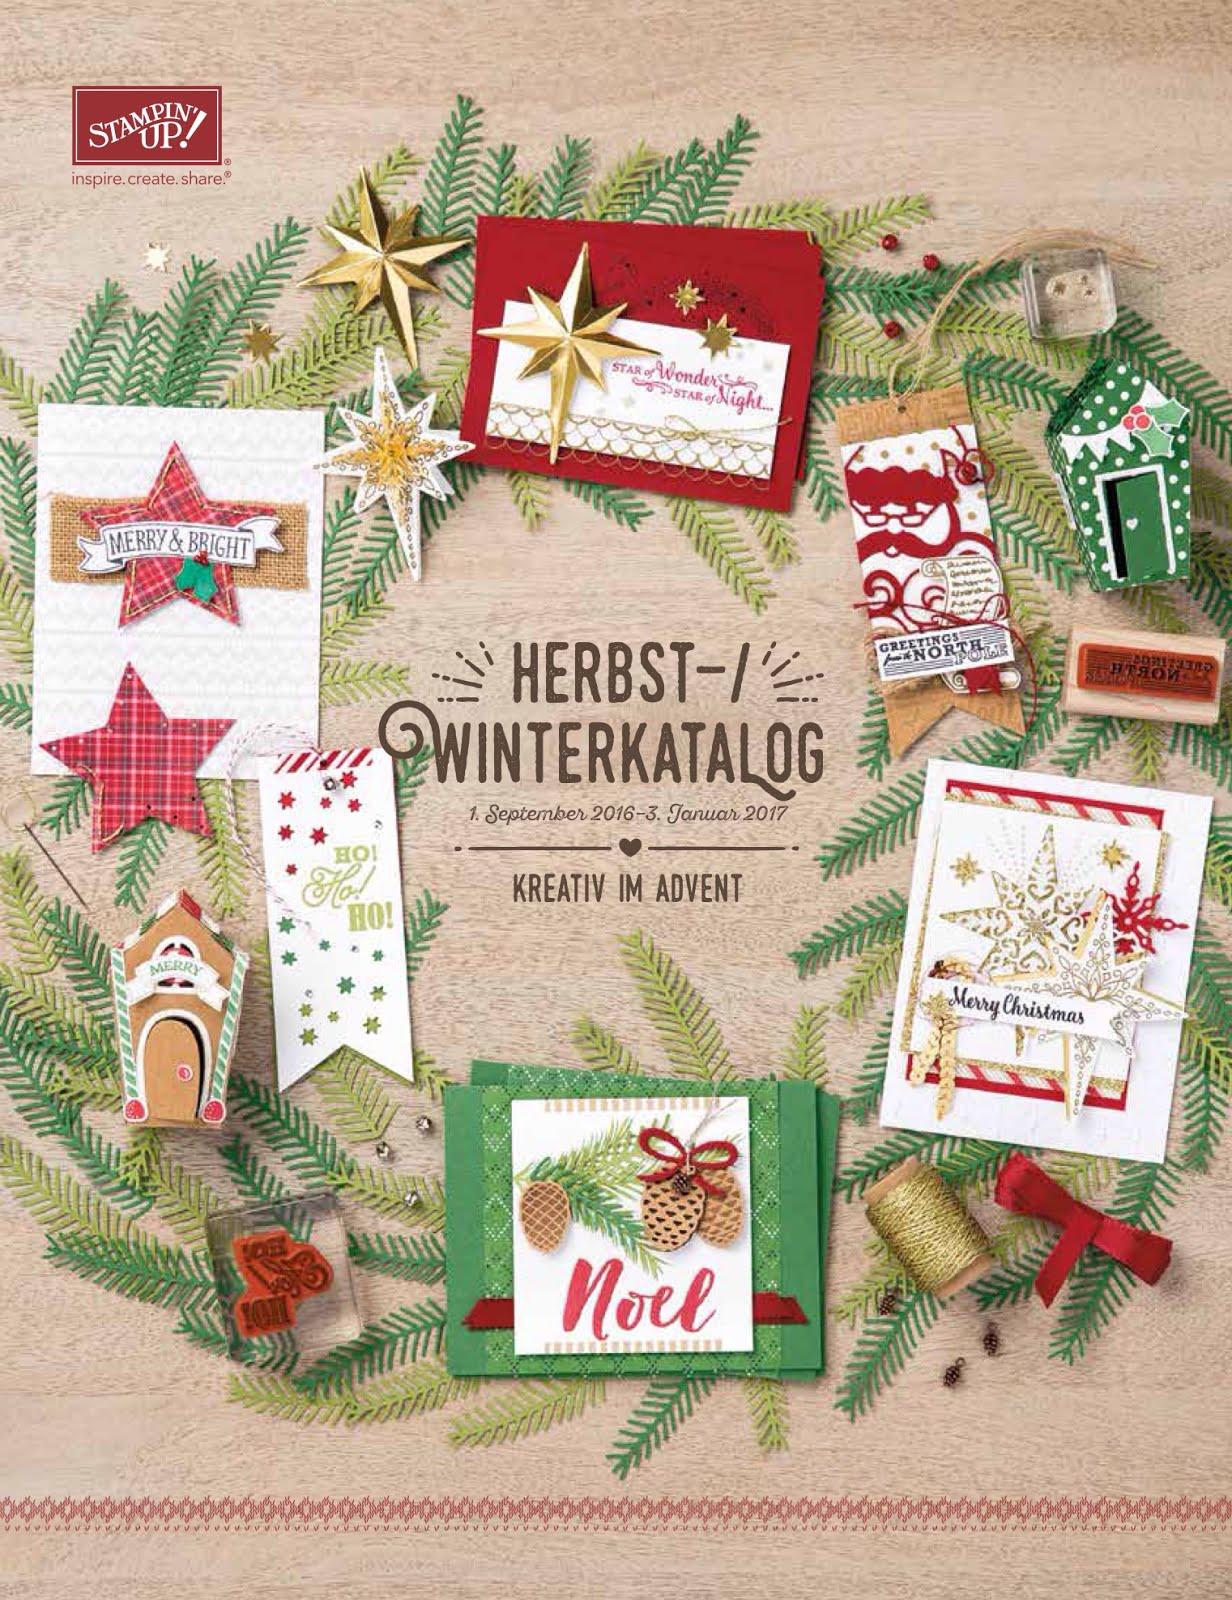 Der Herbst/Winter Katalog